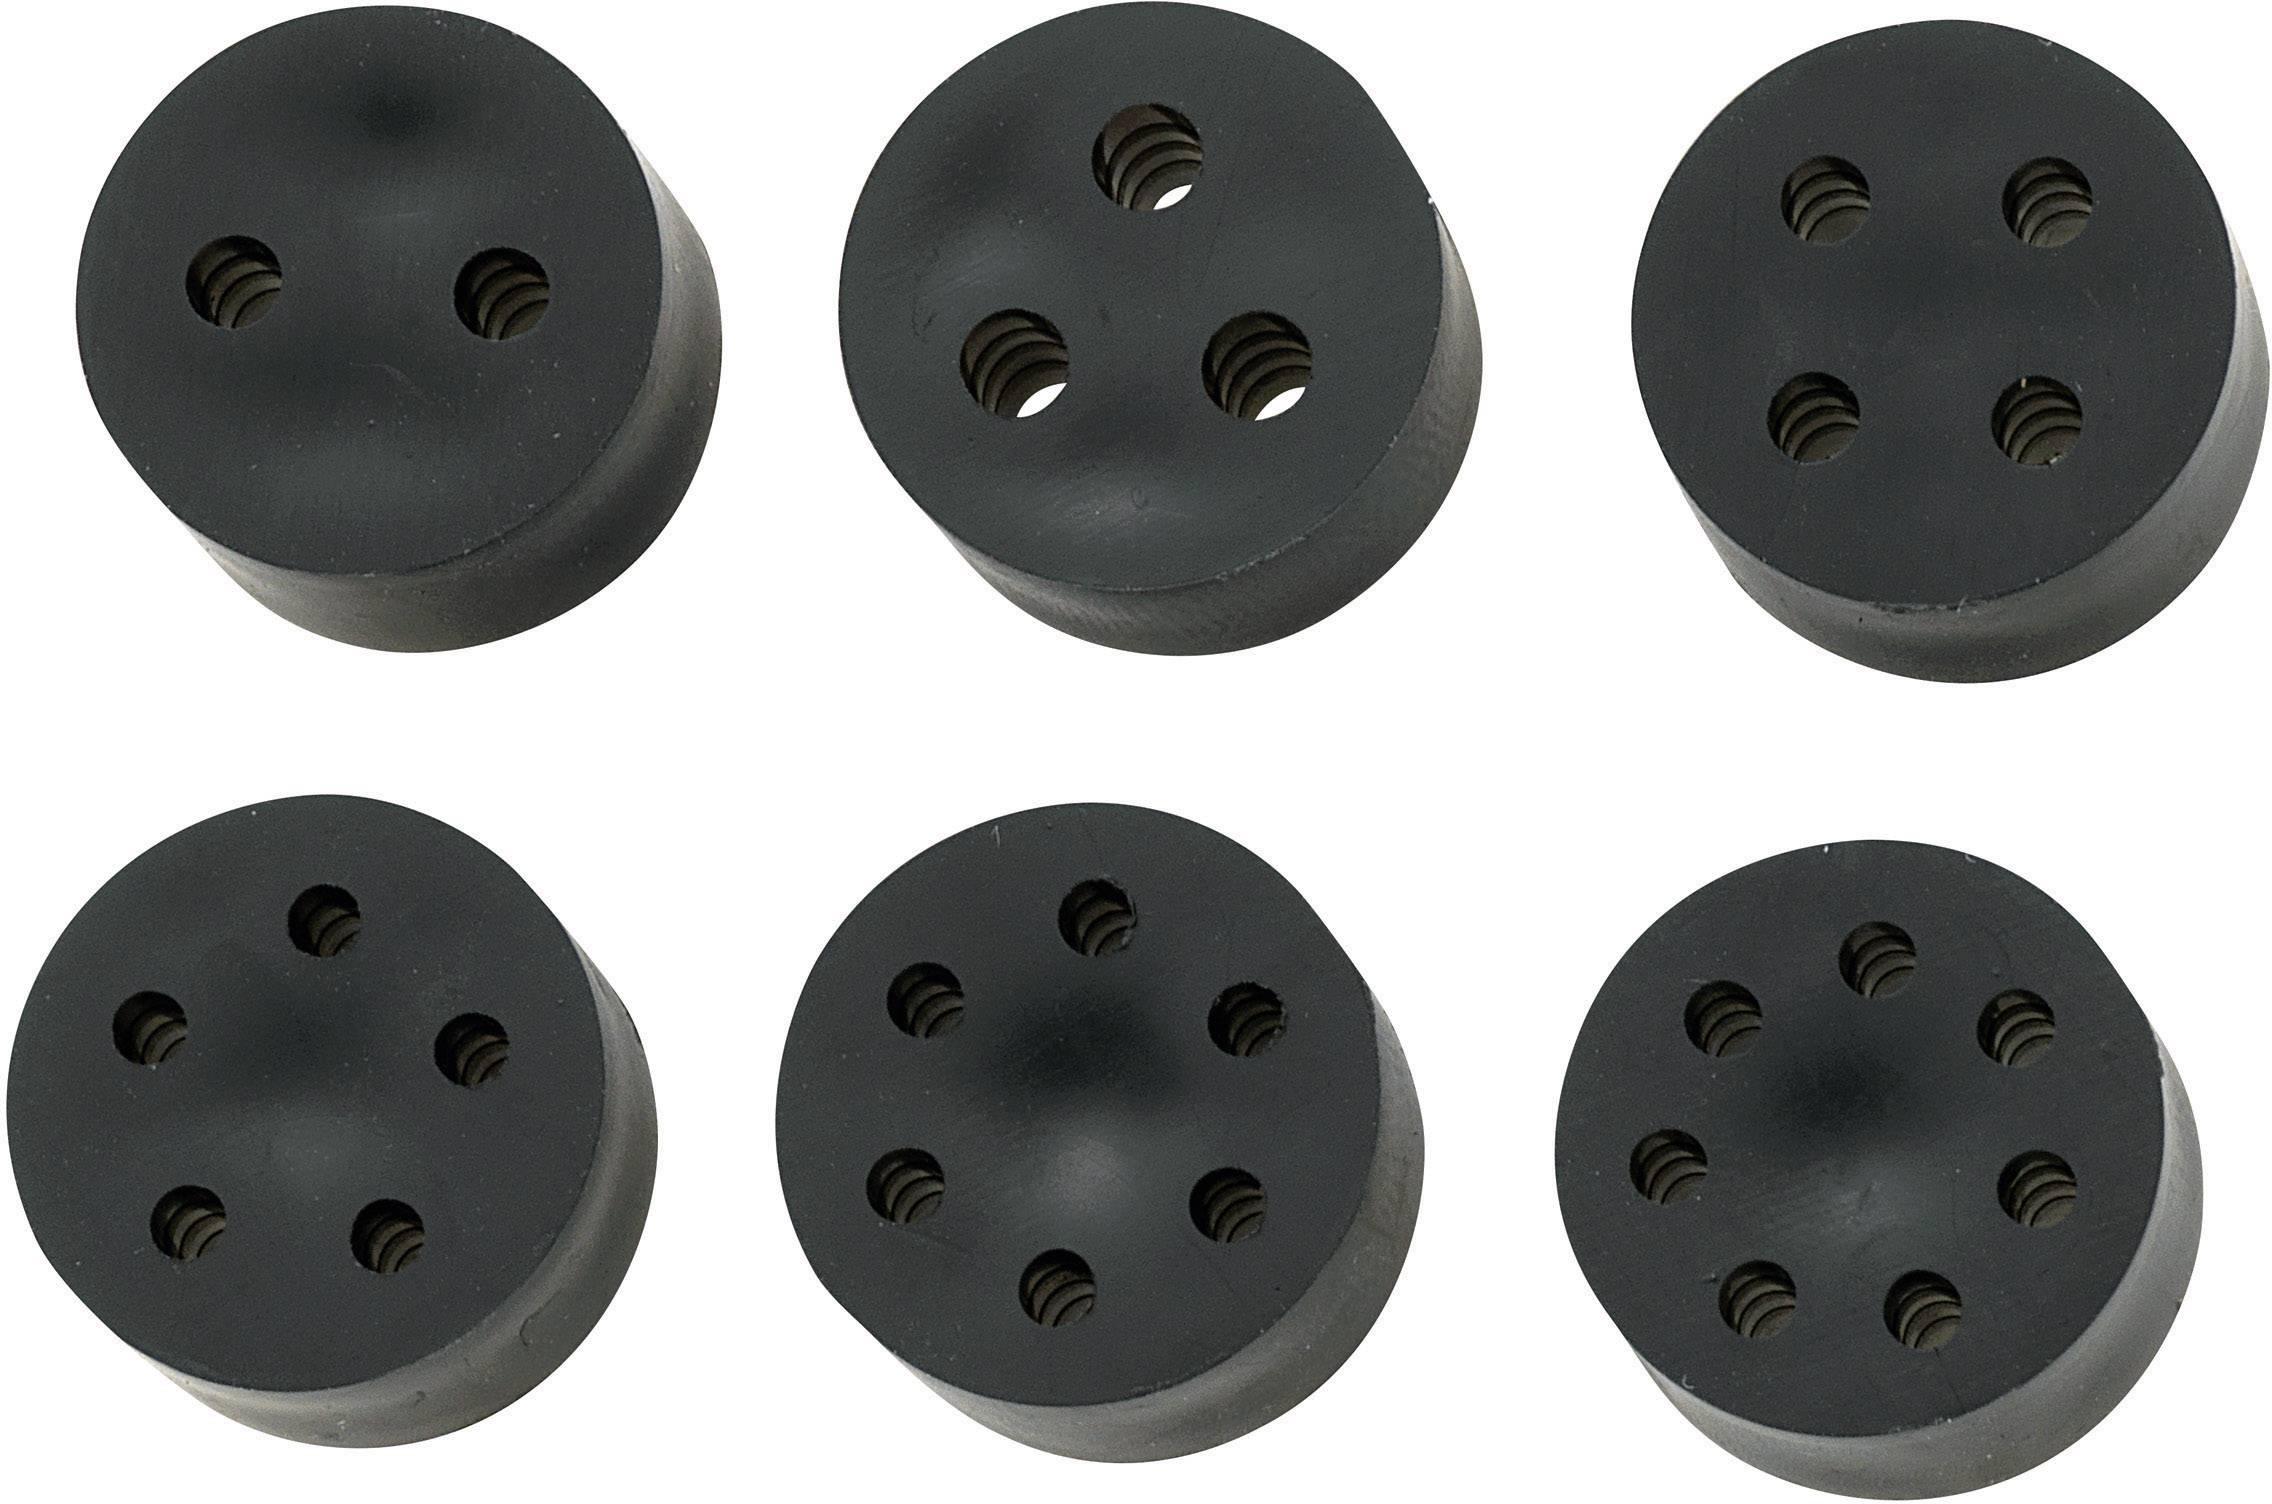 Tesniaca vložka s viacerými priechodmi KSS MH23-4B, M25, guma, 1 ks